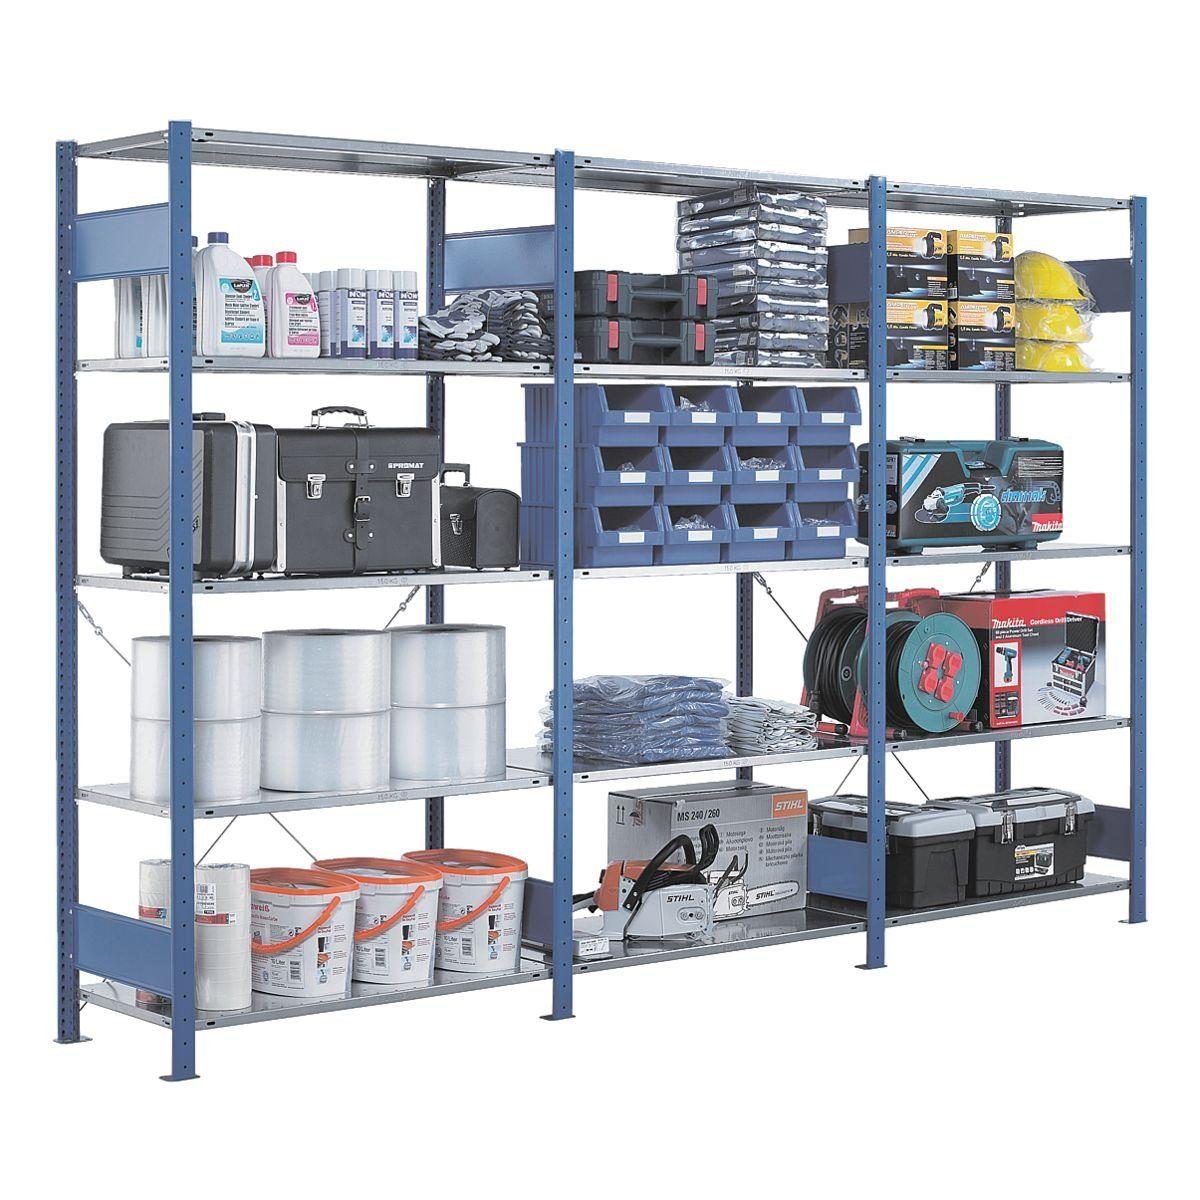 SCHULTE Lagertechnik Steckregal - Anbauregal, 100 x 80 x 250 cm, verzinkt/blau